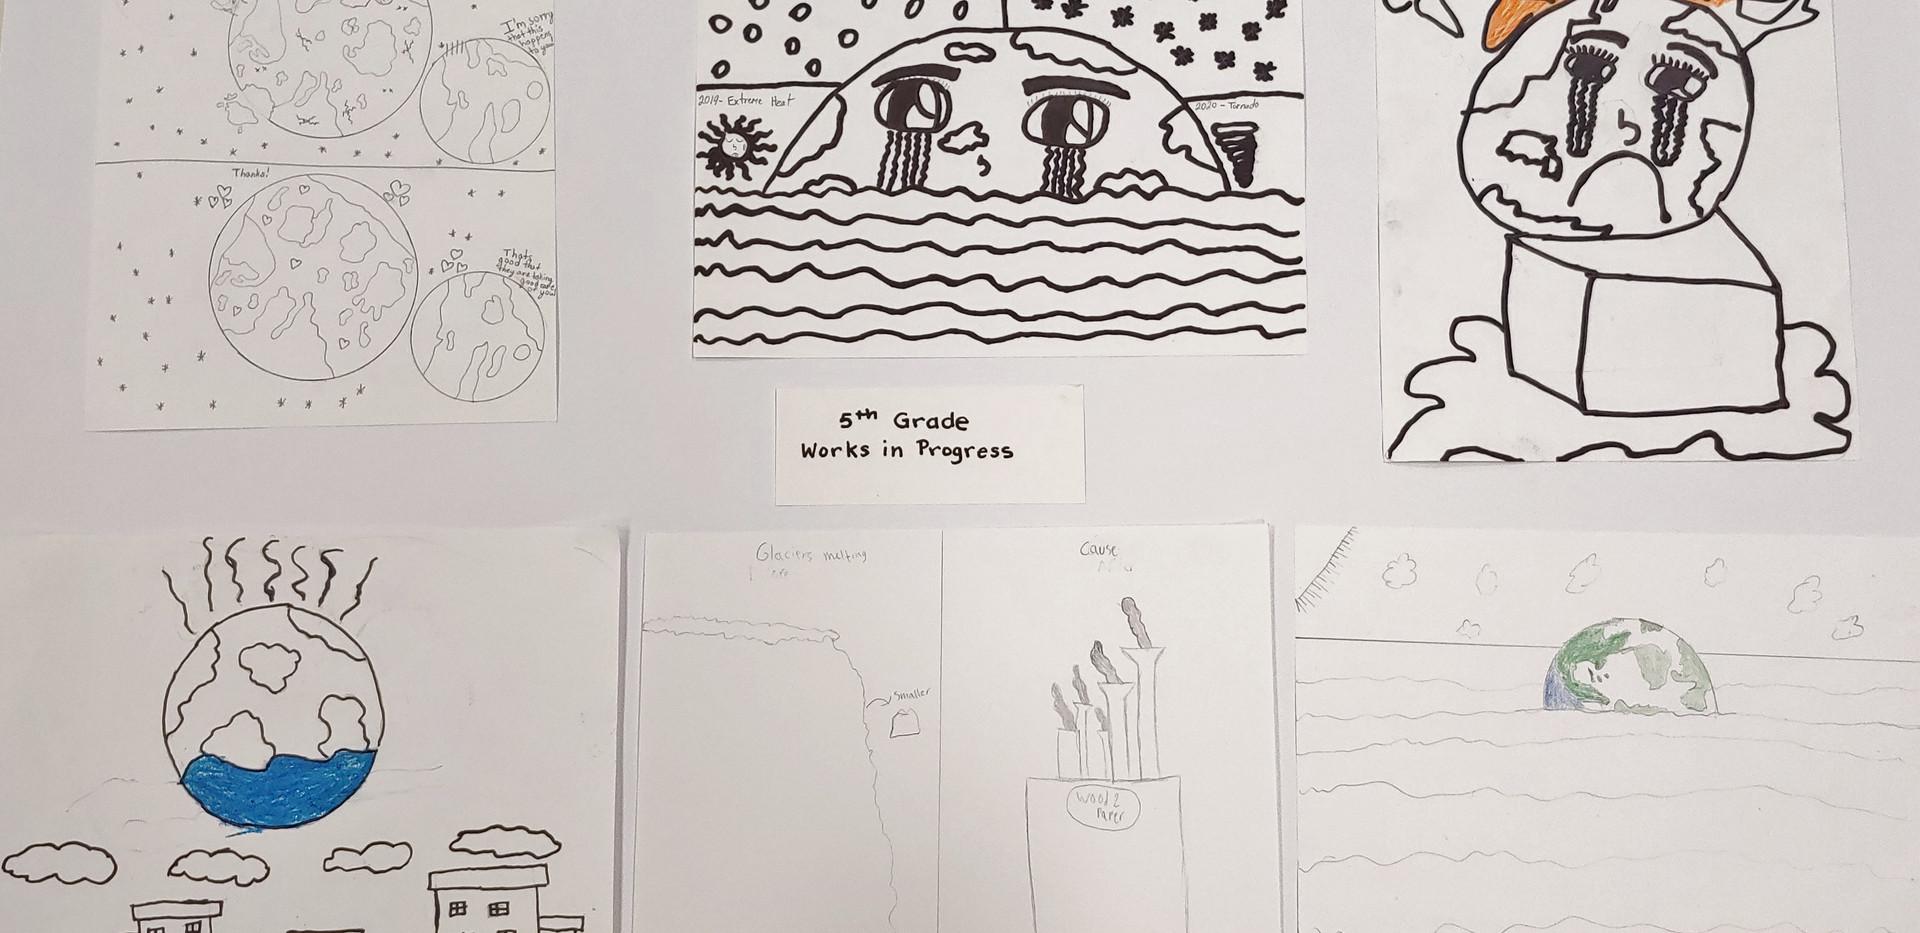 5th Grade Art works in Progress-1.jpg